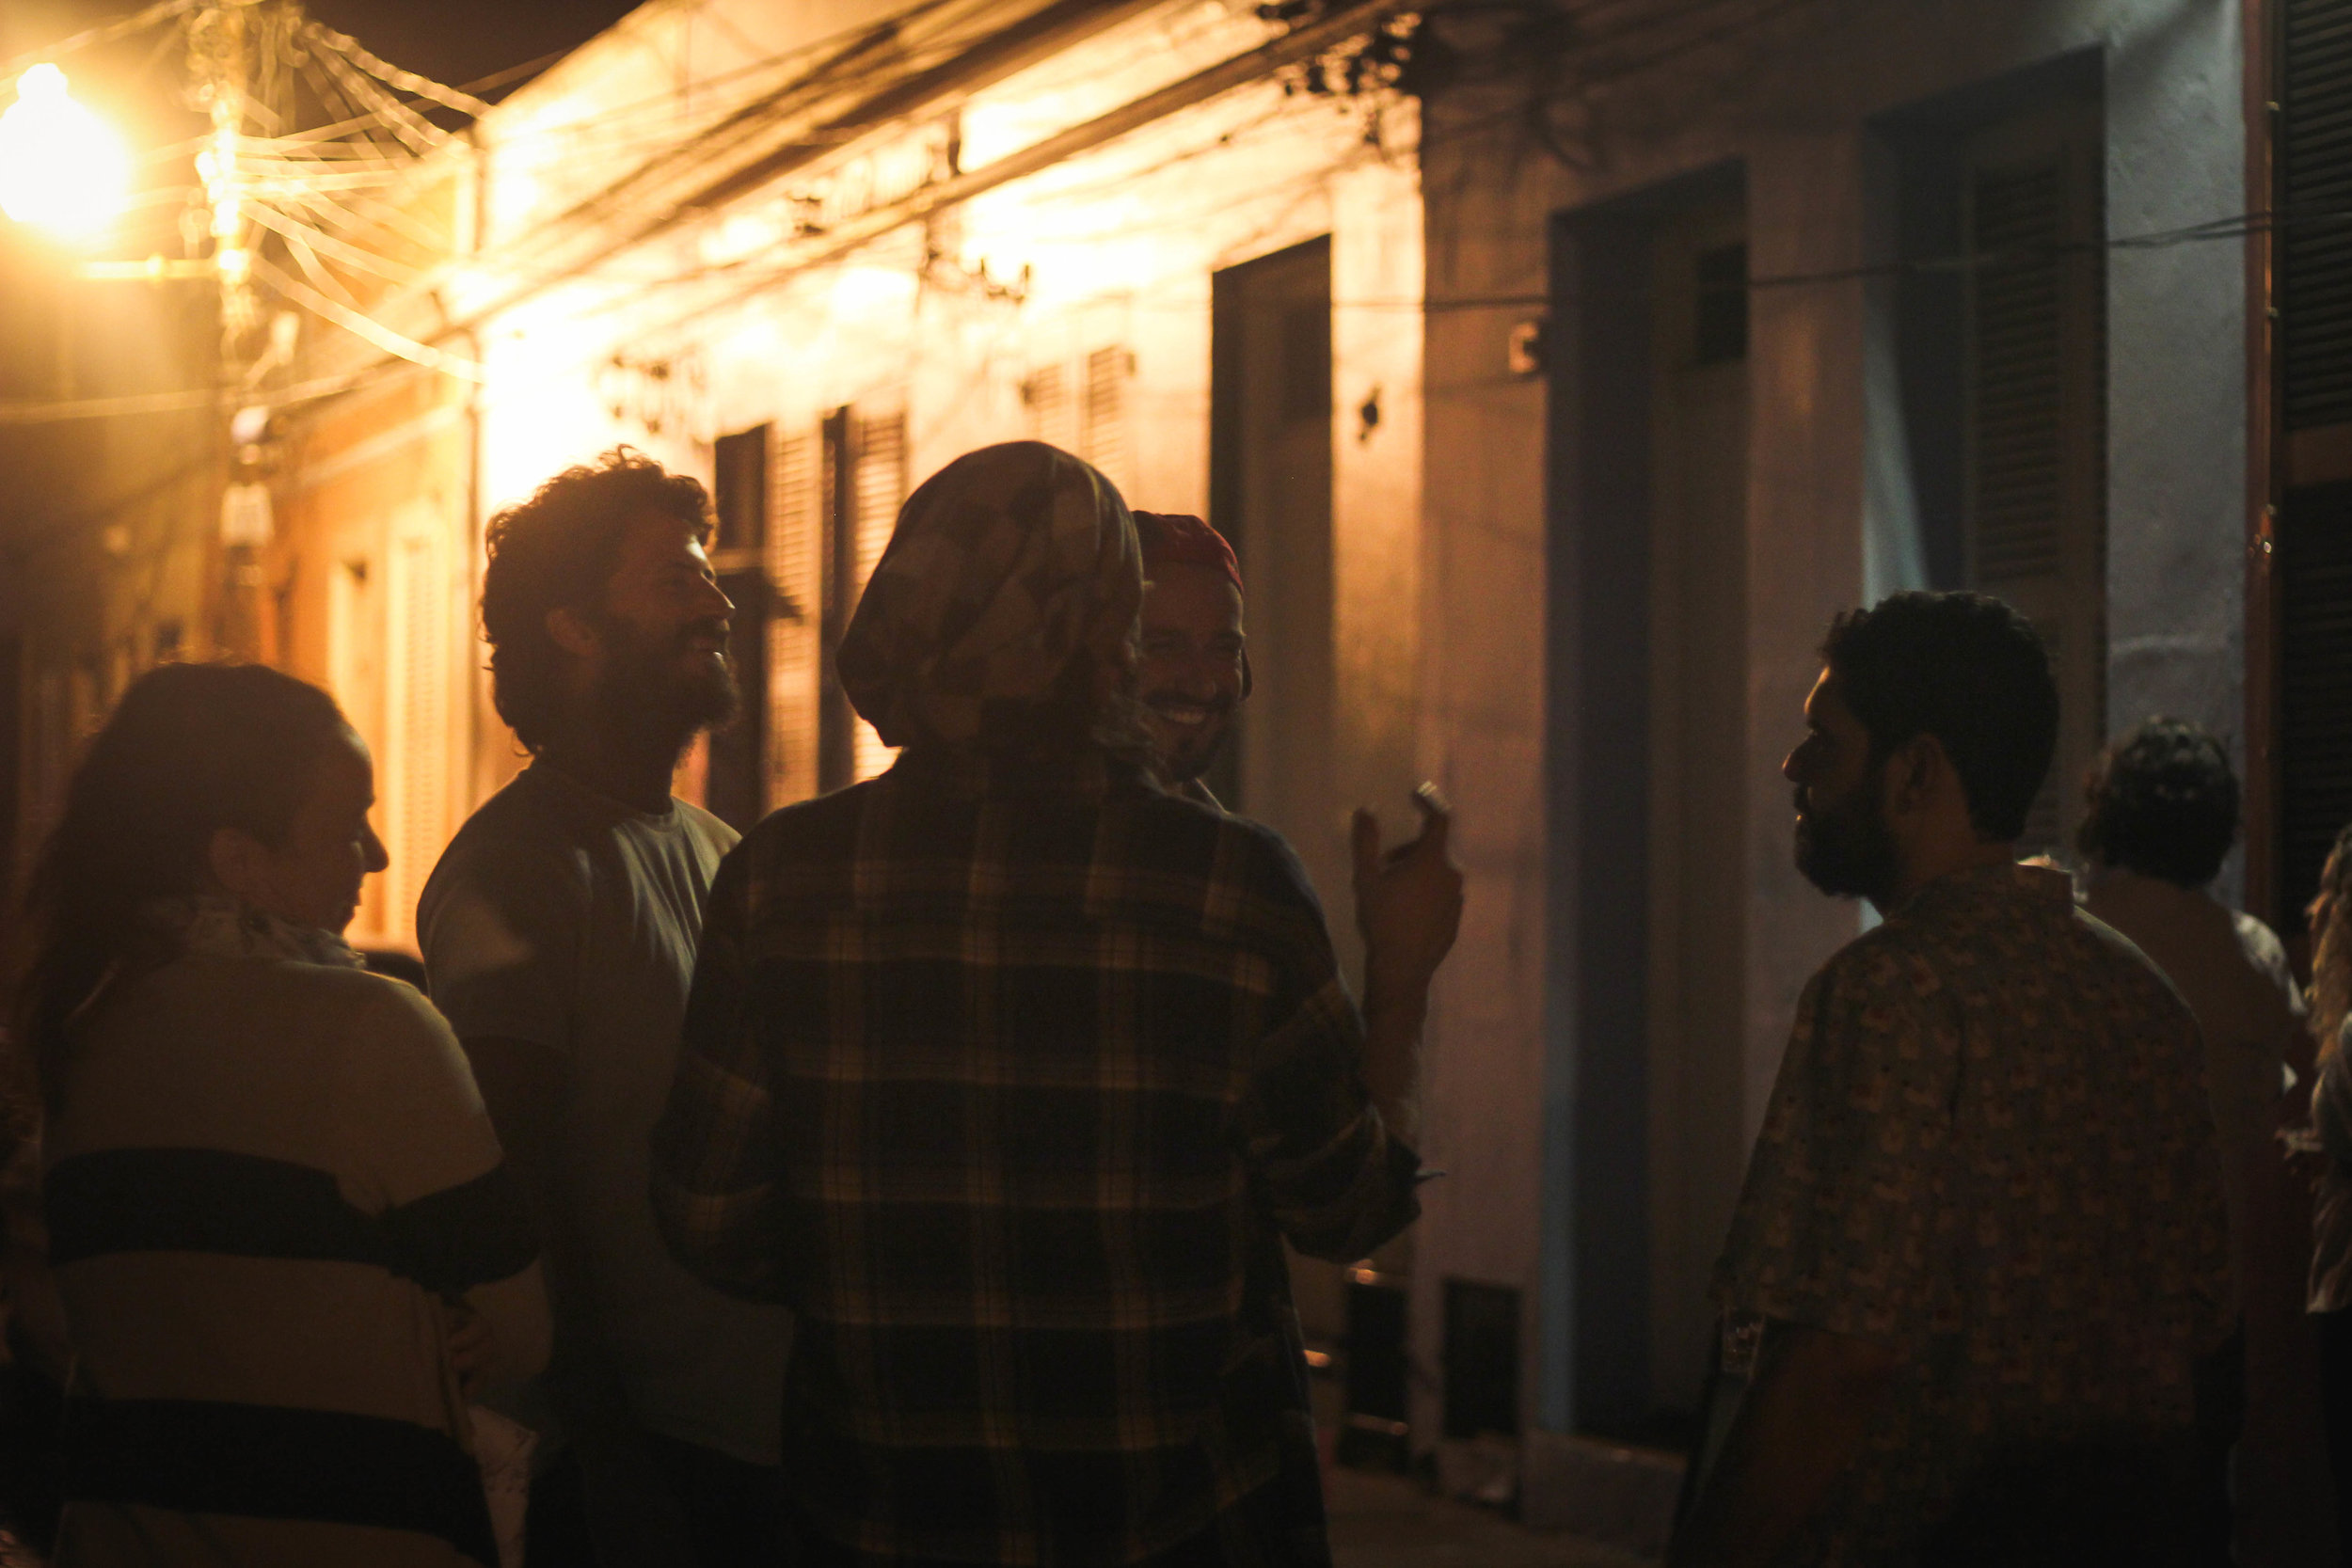 Movimento em frente ao bar Guernica, que ocupa uma das 17 casinhas tombadas como patrimônio histórico e cultural de Porto Alegre: comida artesanal e agenda musical de qualidade (Fotos/Divulgação)